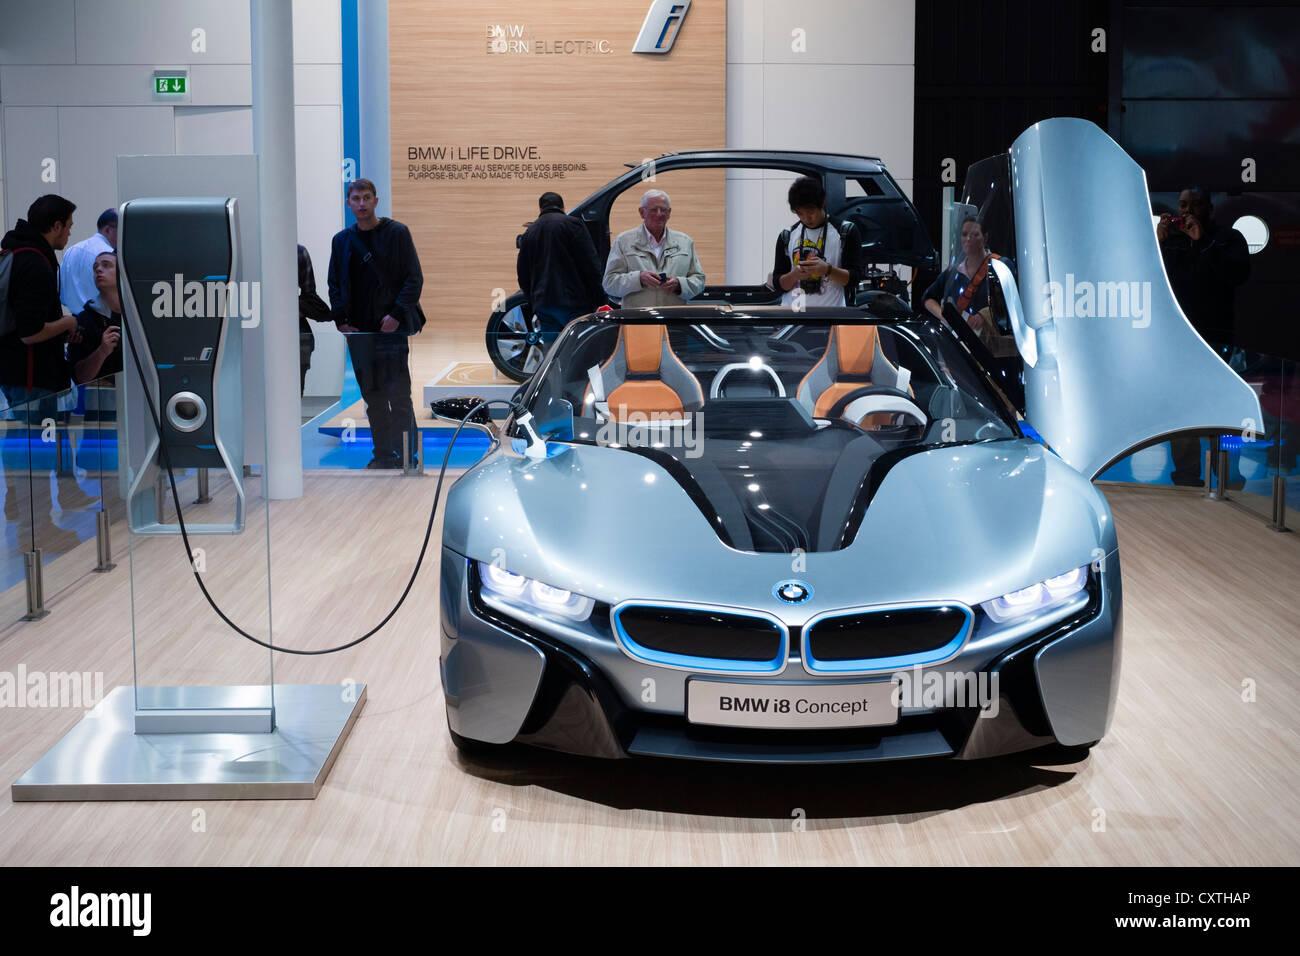 BMW electric i8 prototype car at Paris Motor Show 2012 - Stock Image